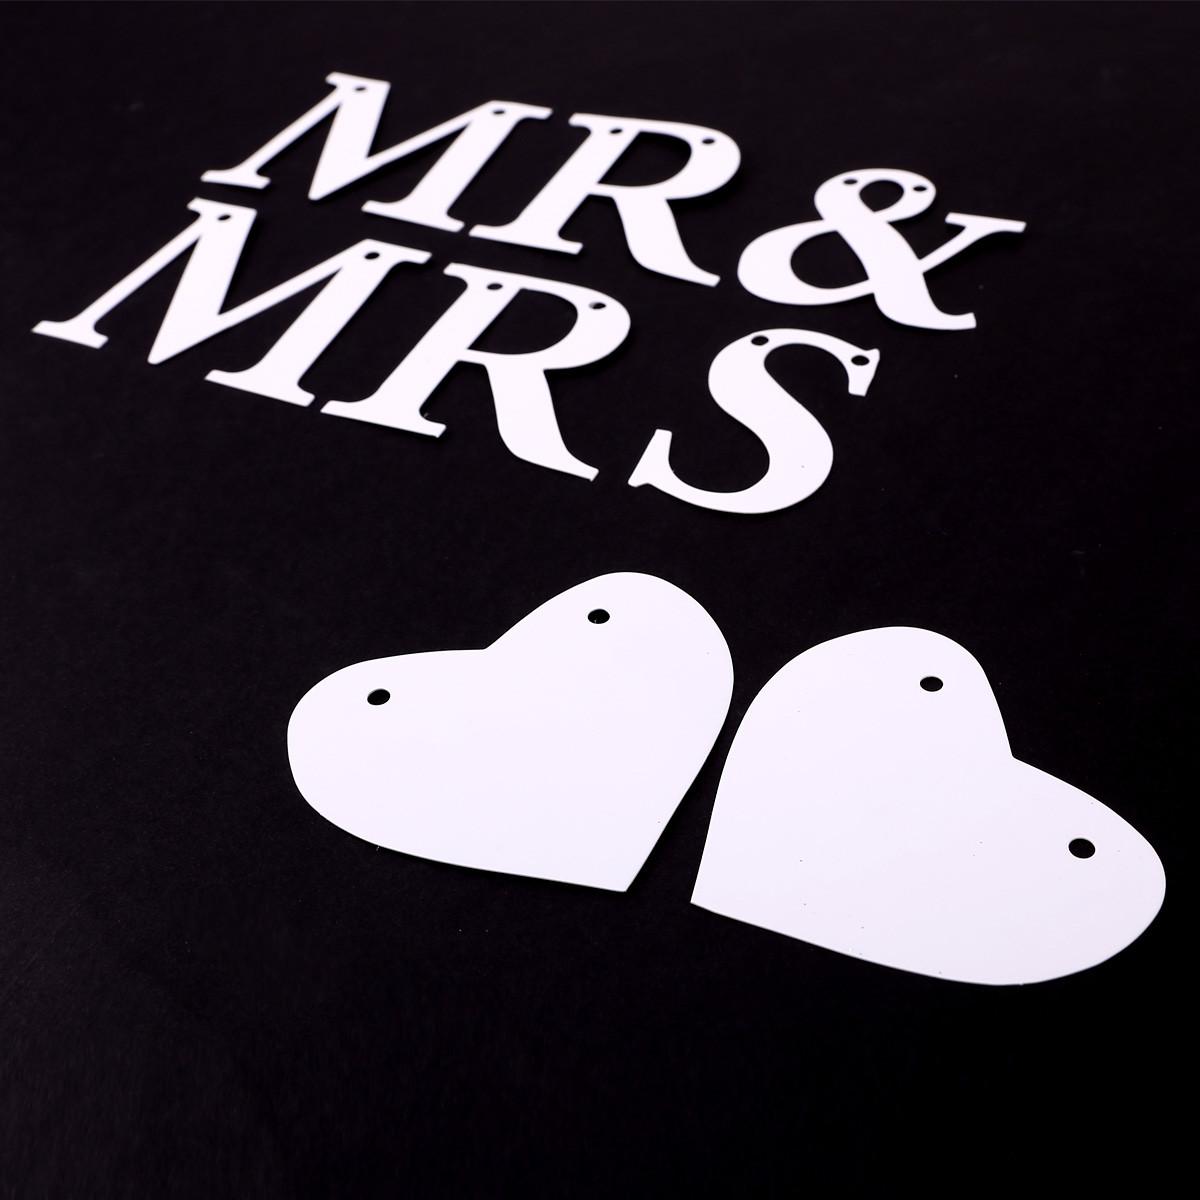 Mr & Mrs Hochzeit  weiß Wimpelketten Hochzeit Dekoration Türschild Mr & Mrs